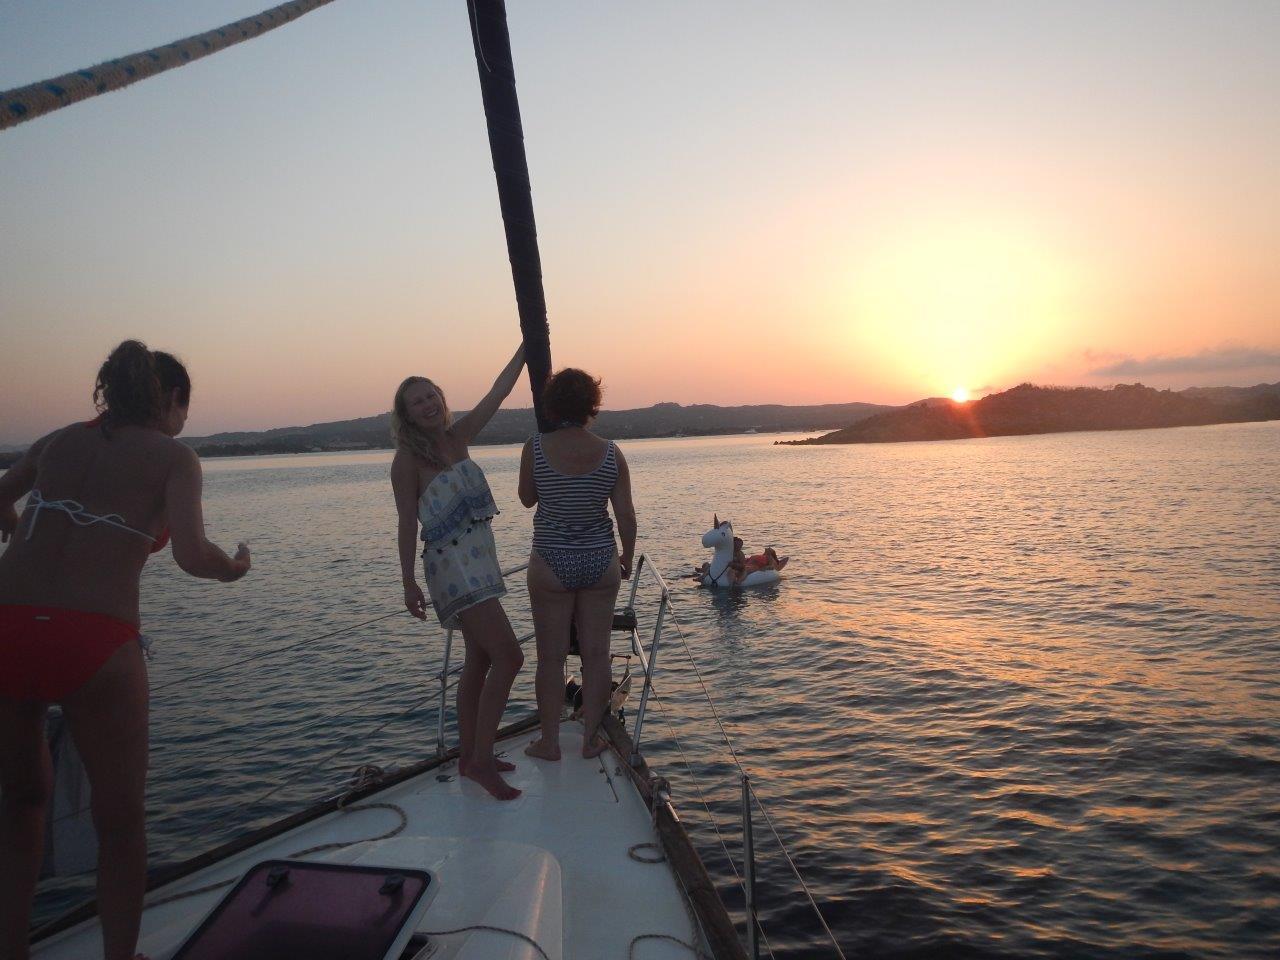 Urlaub auf der Segelyacht den Sonnenuntergang genießen Kojencharter